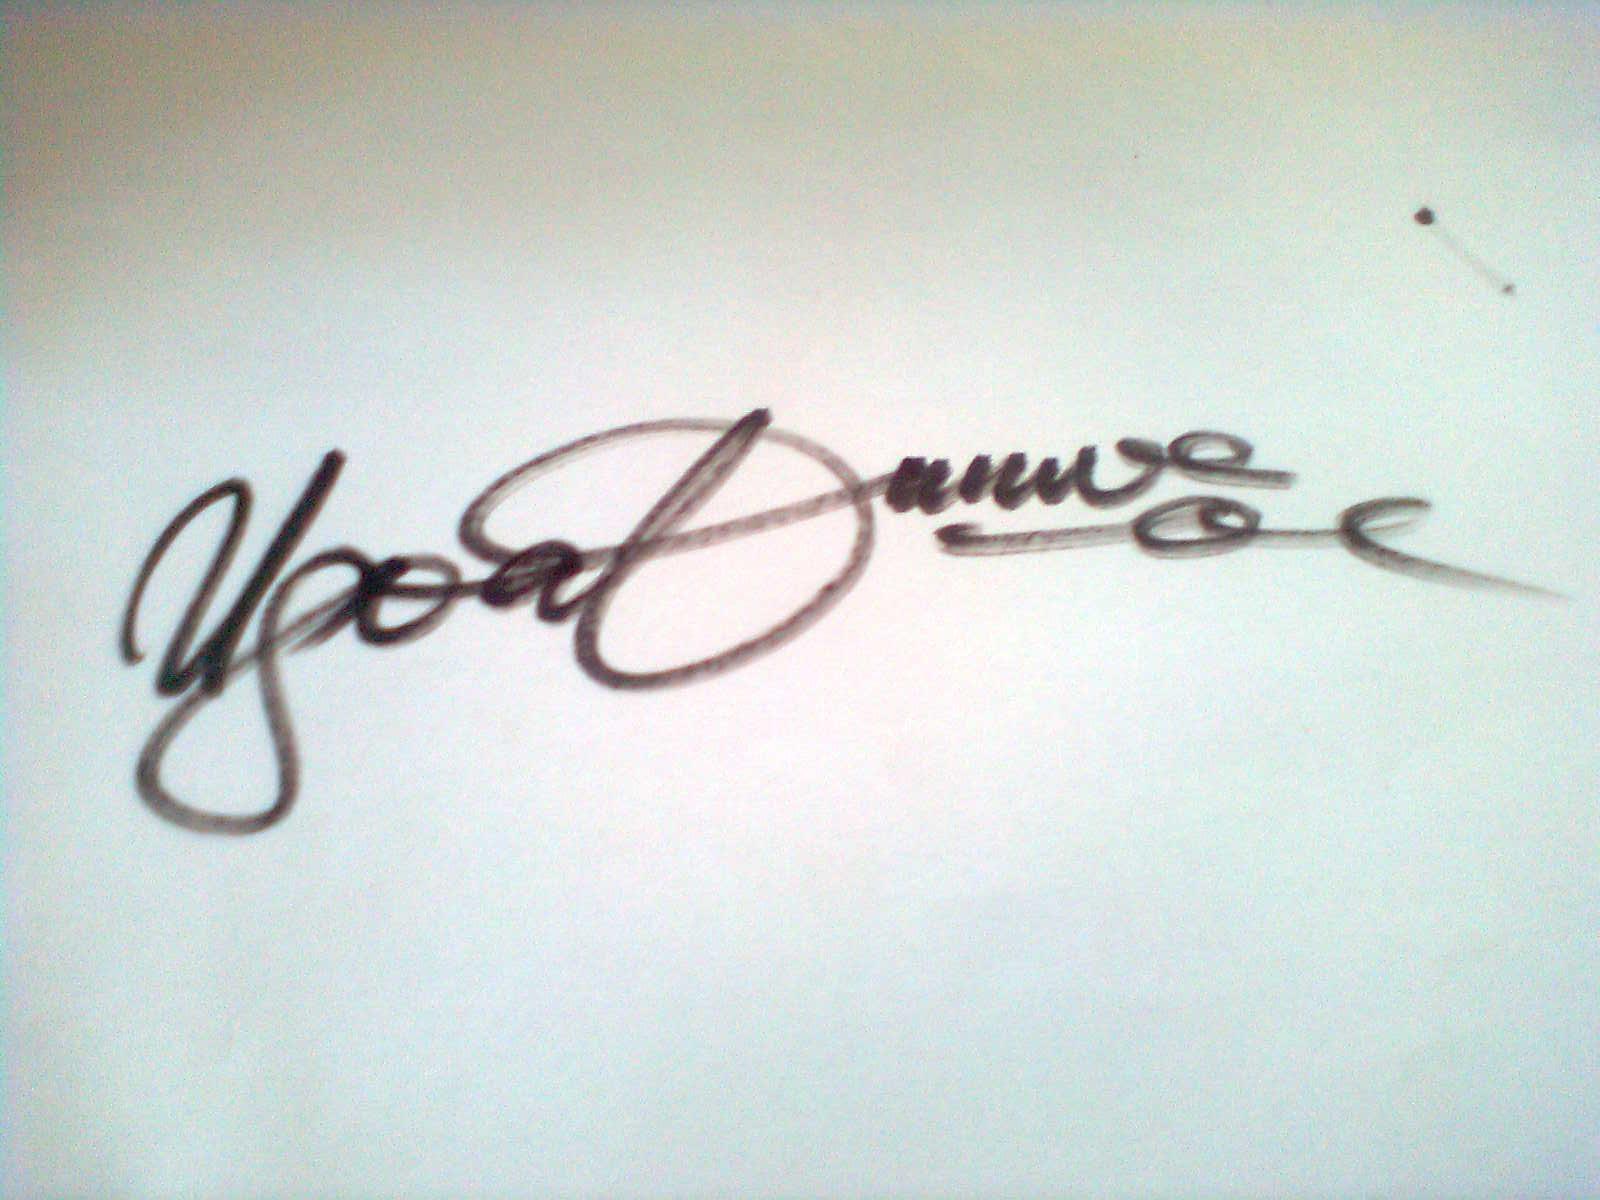 Cletus Ugoabunwa Signature